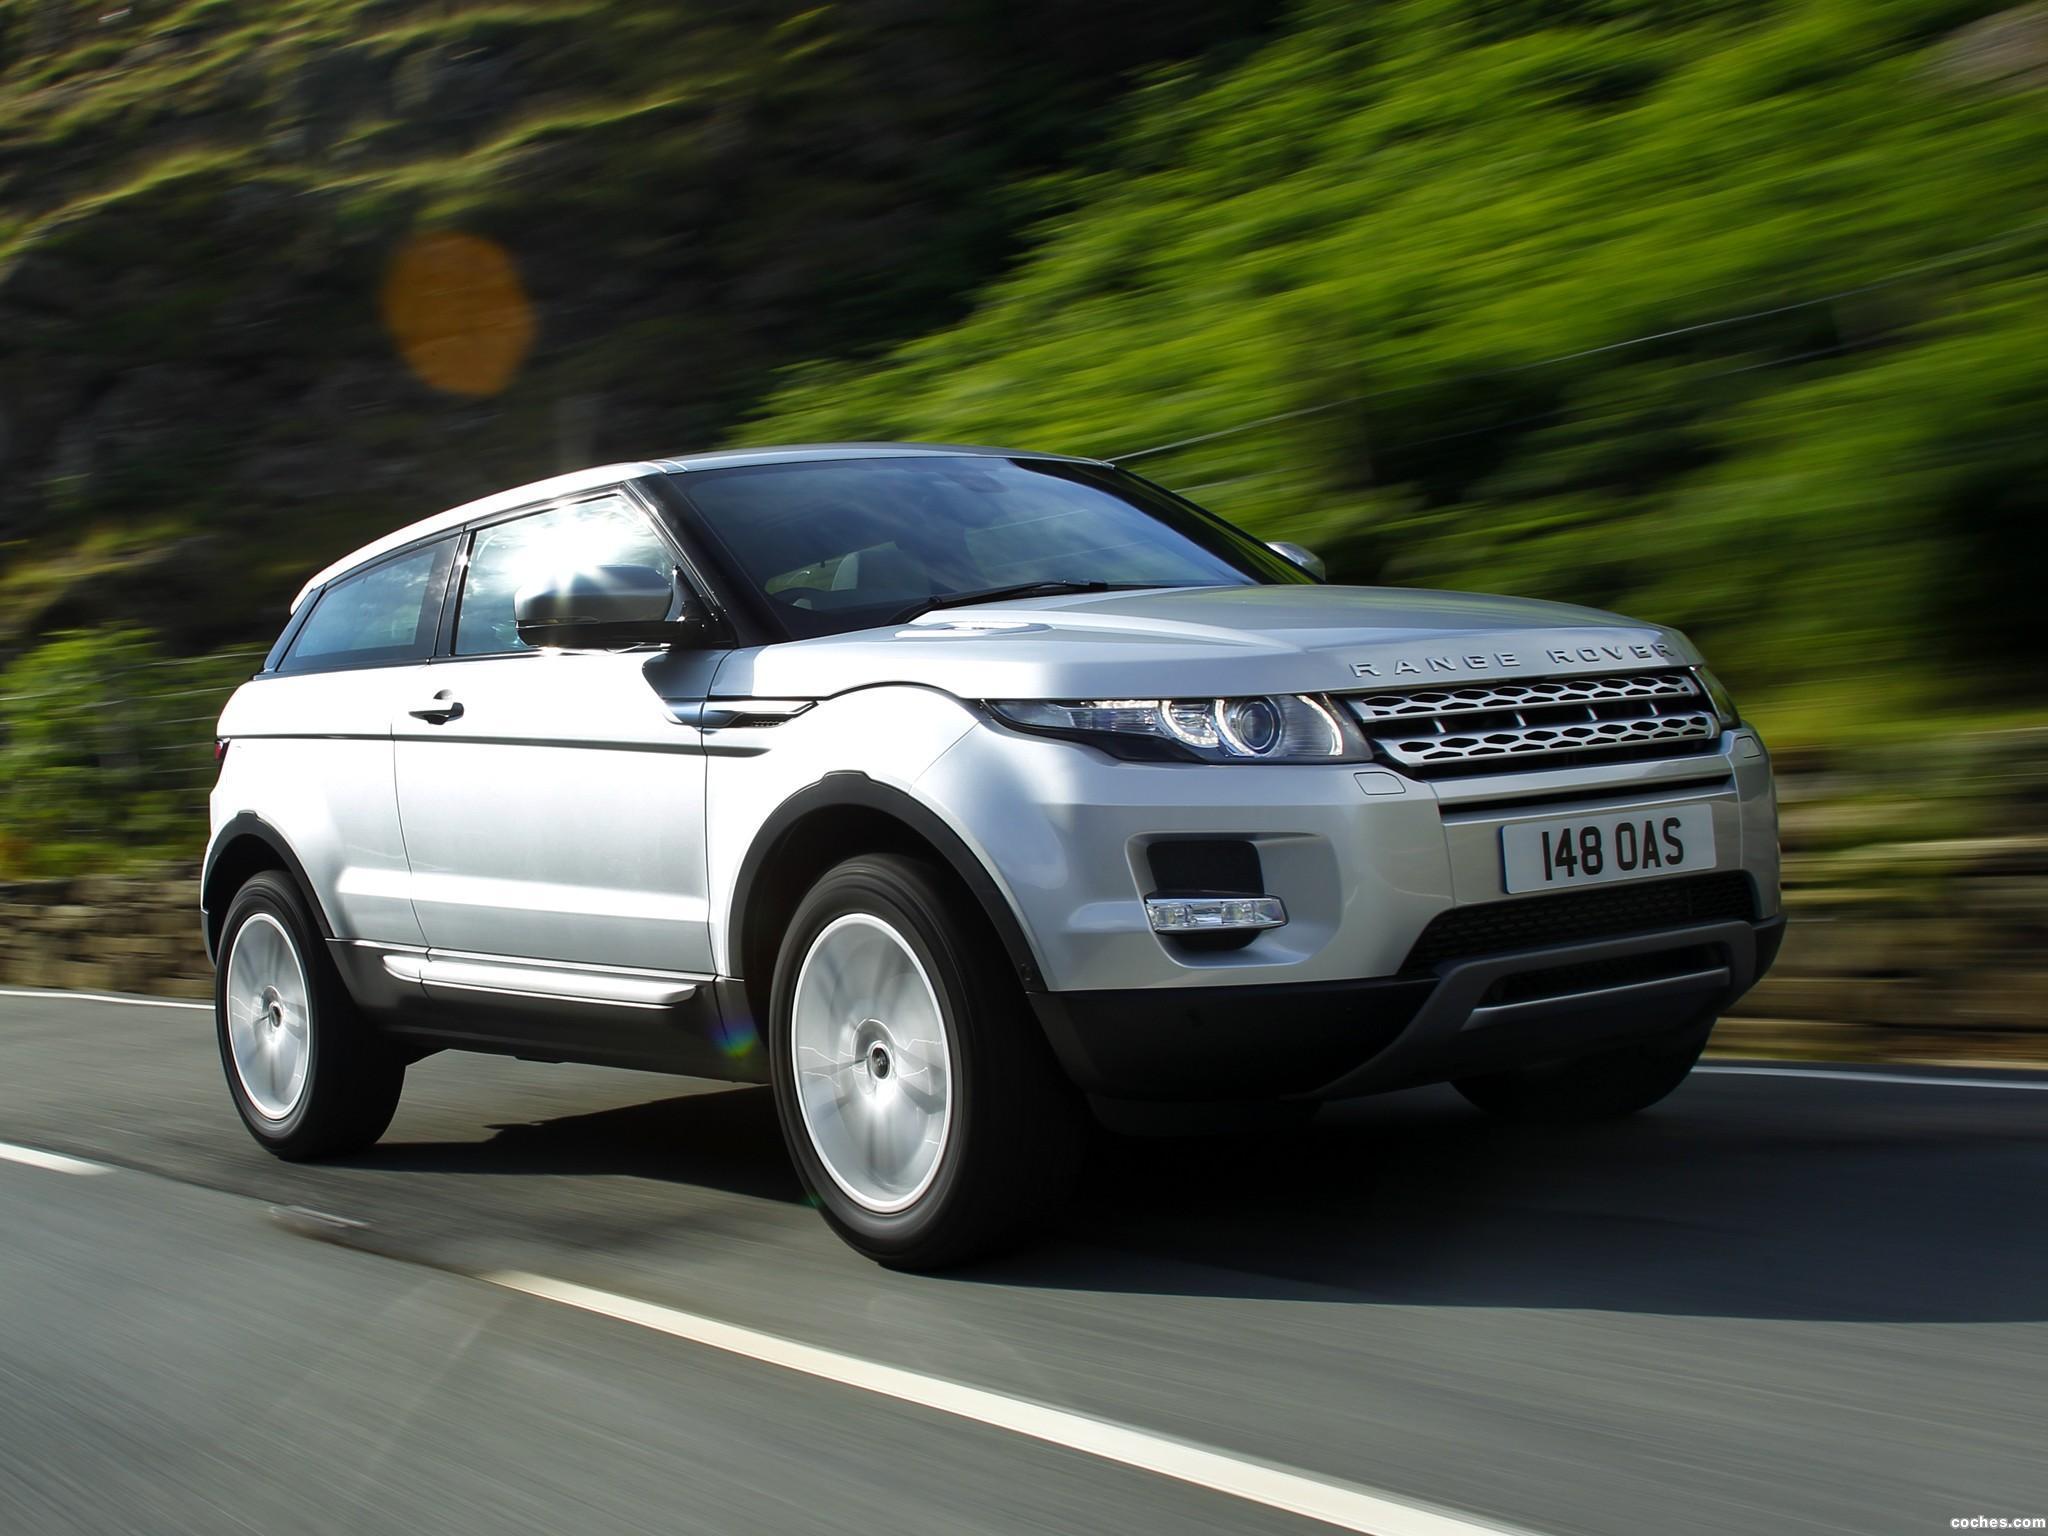 Foto 0 de Range Rover Evoque Coupe SI4 Prestige UK 2011